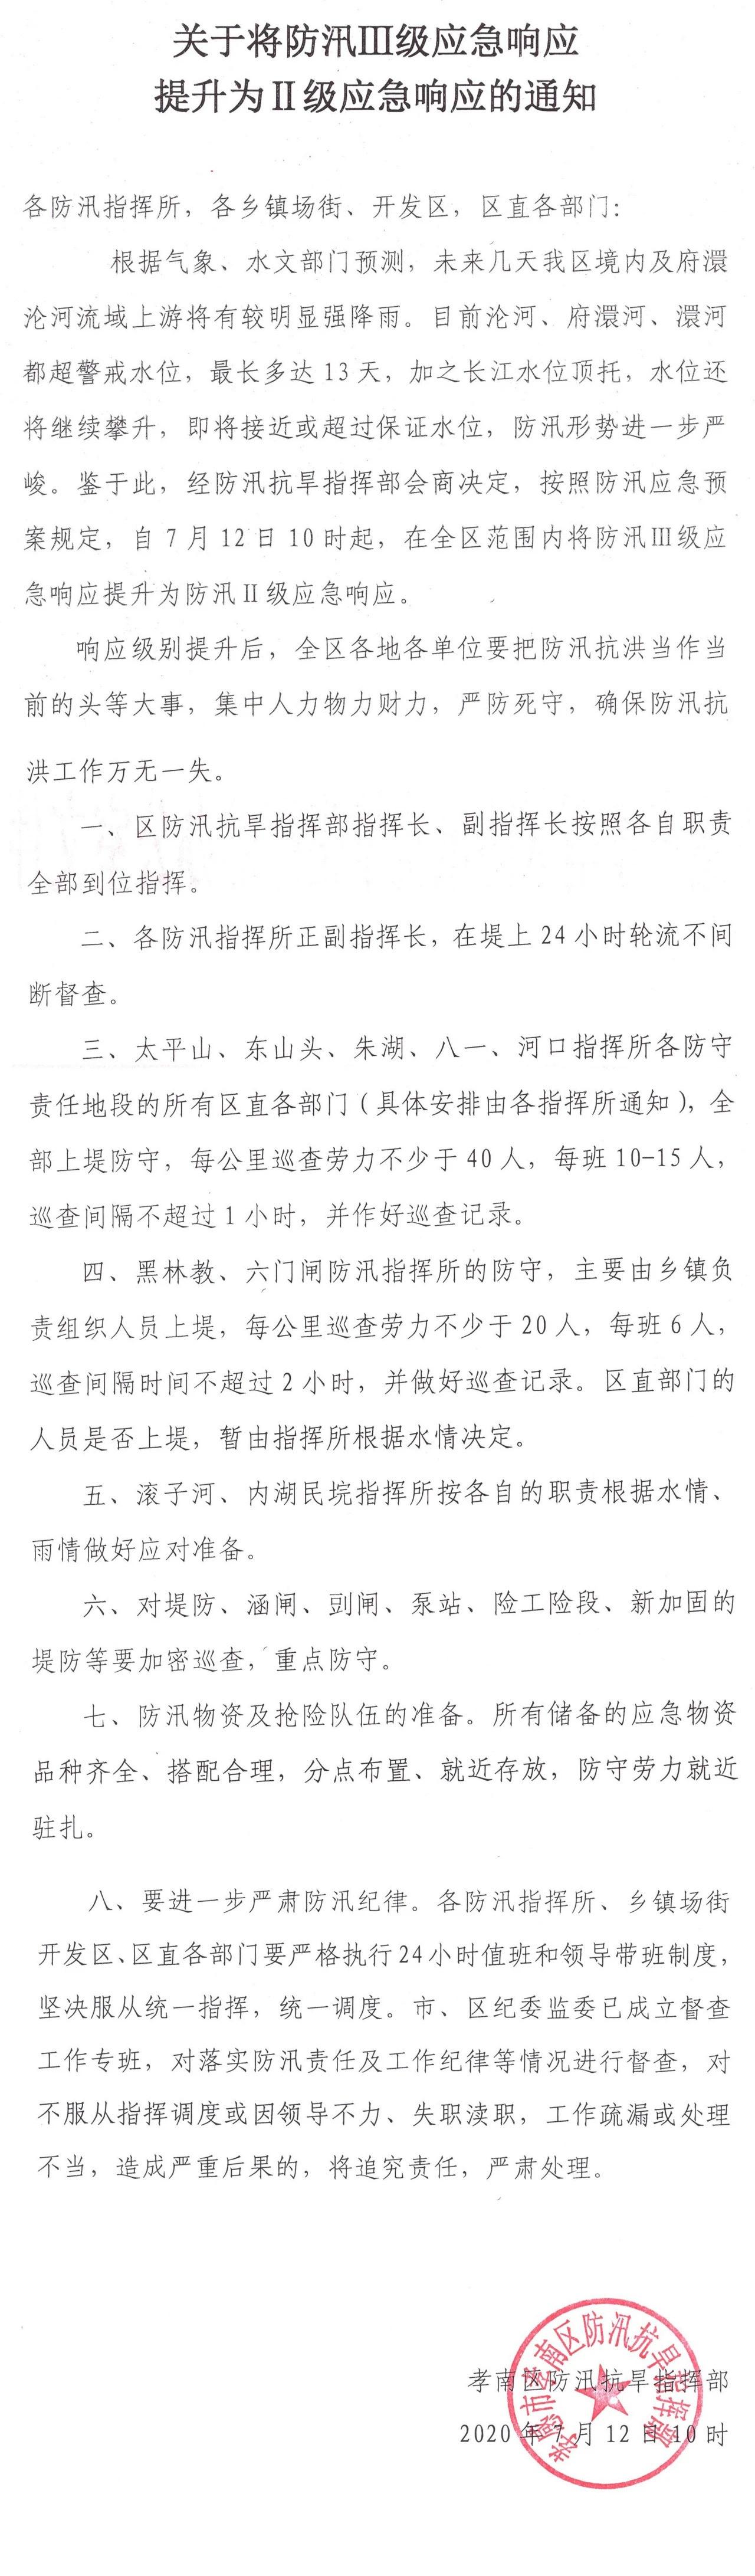 [杏悦]湖北孝感市杏悦发布洪水橙色预警图片